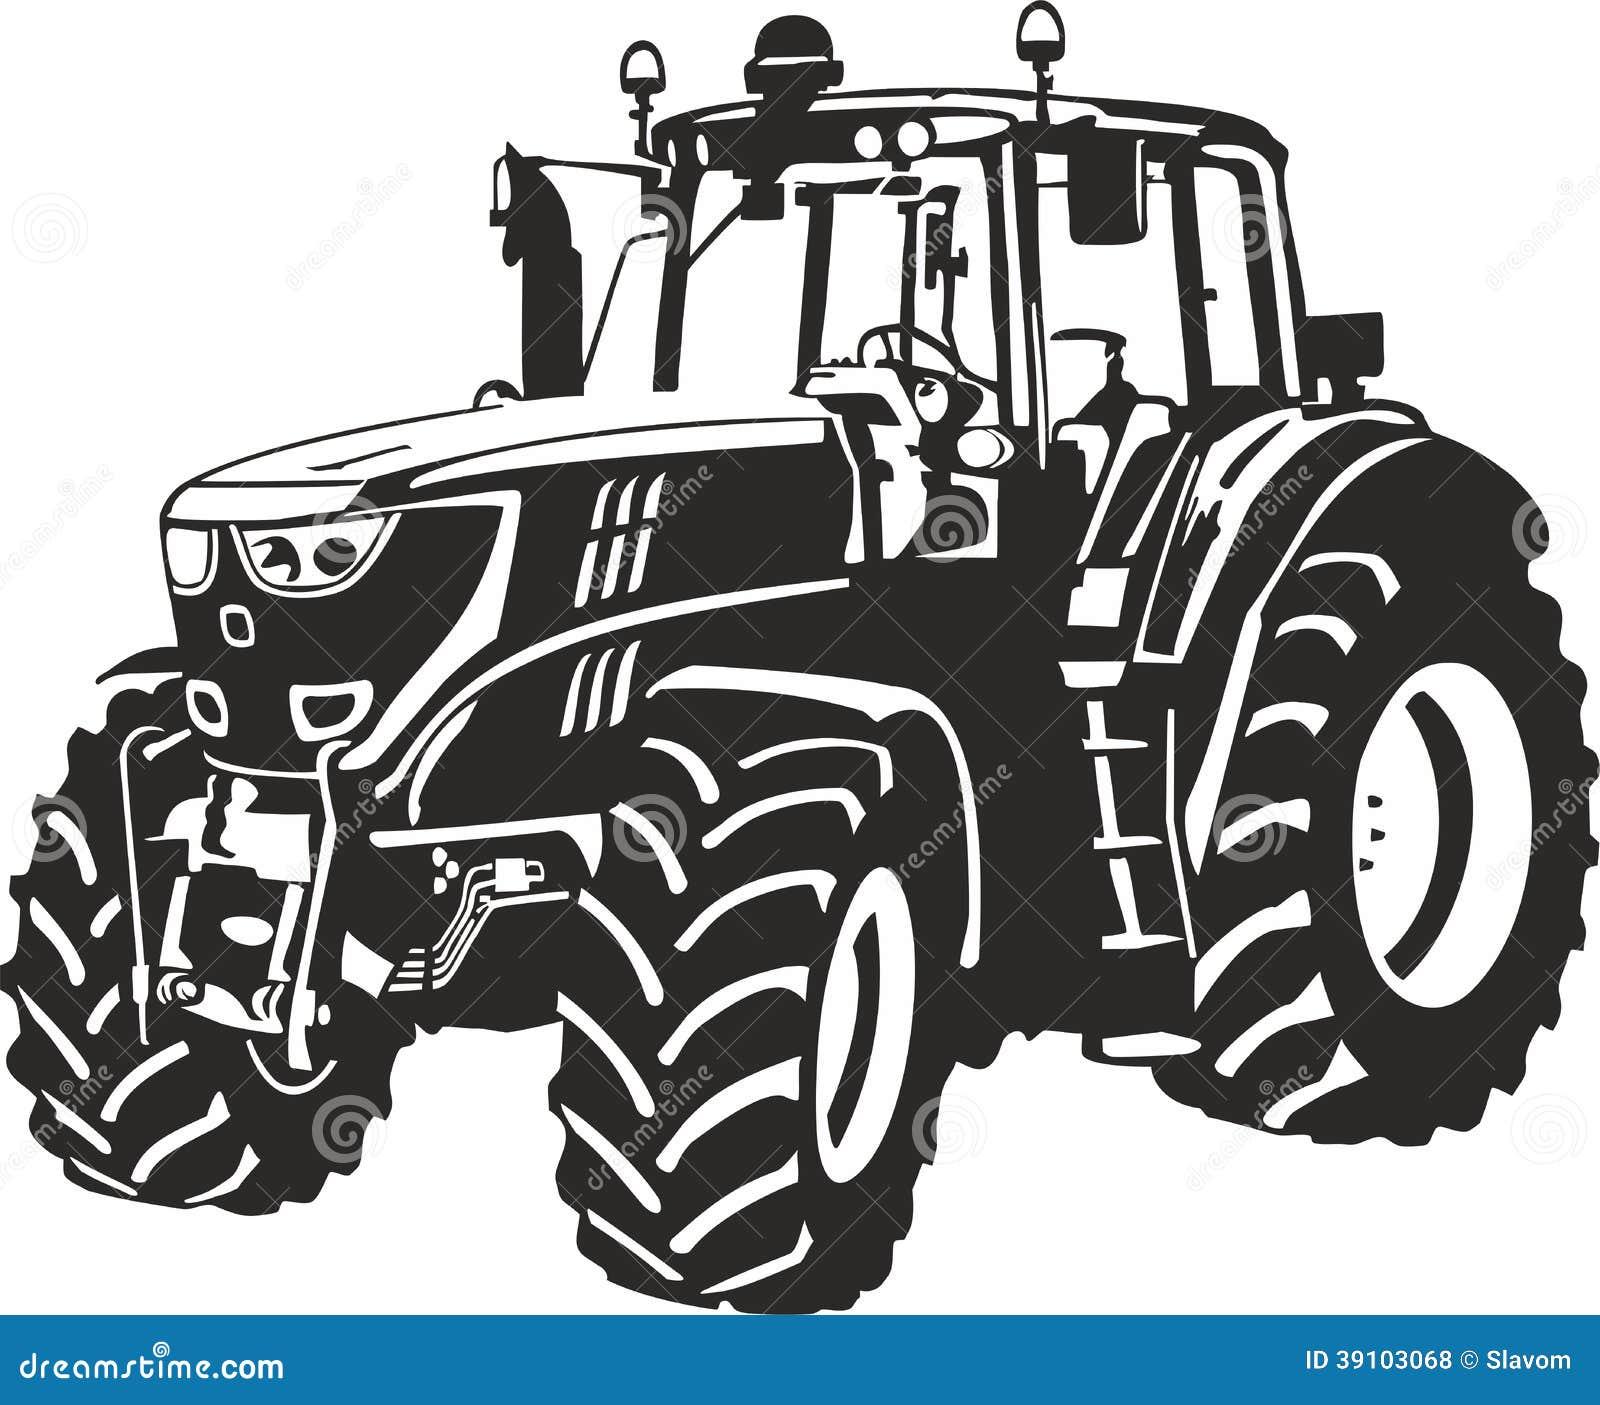 free download traktor